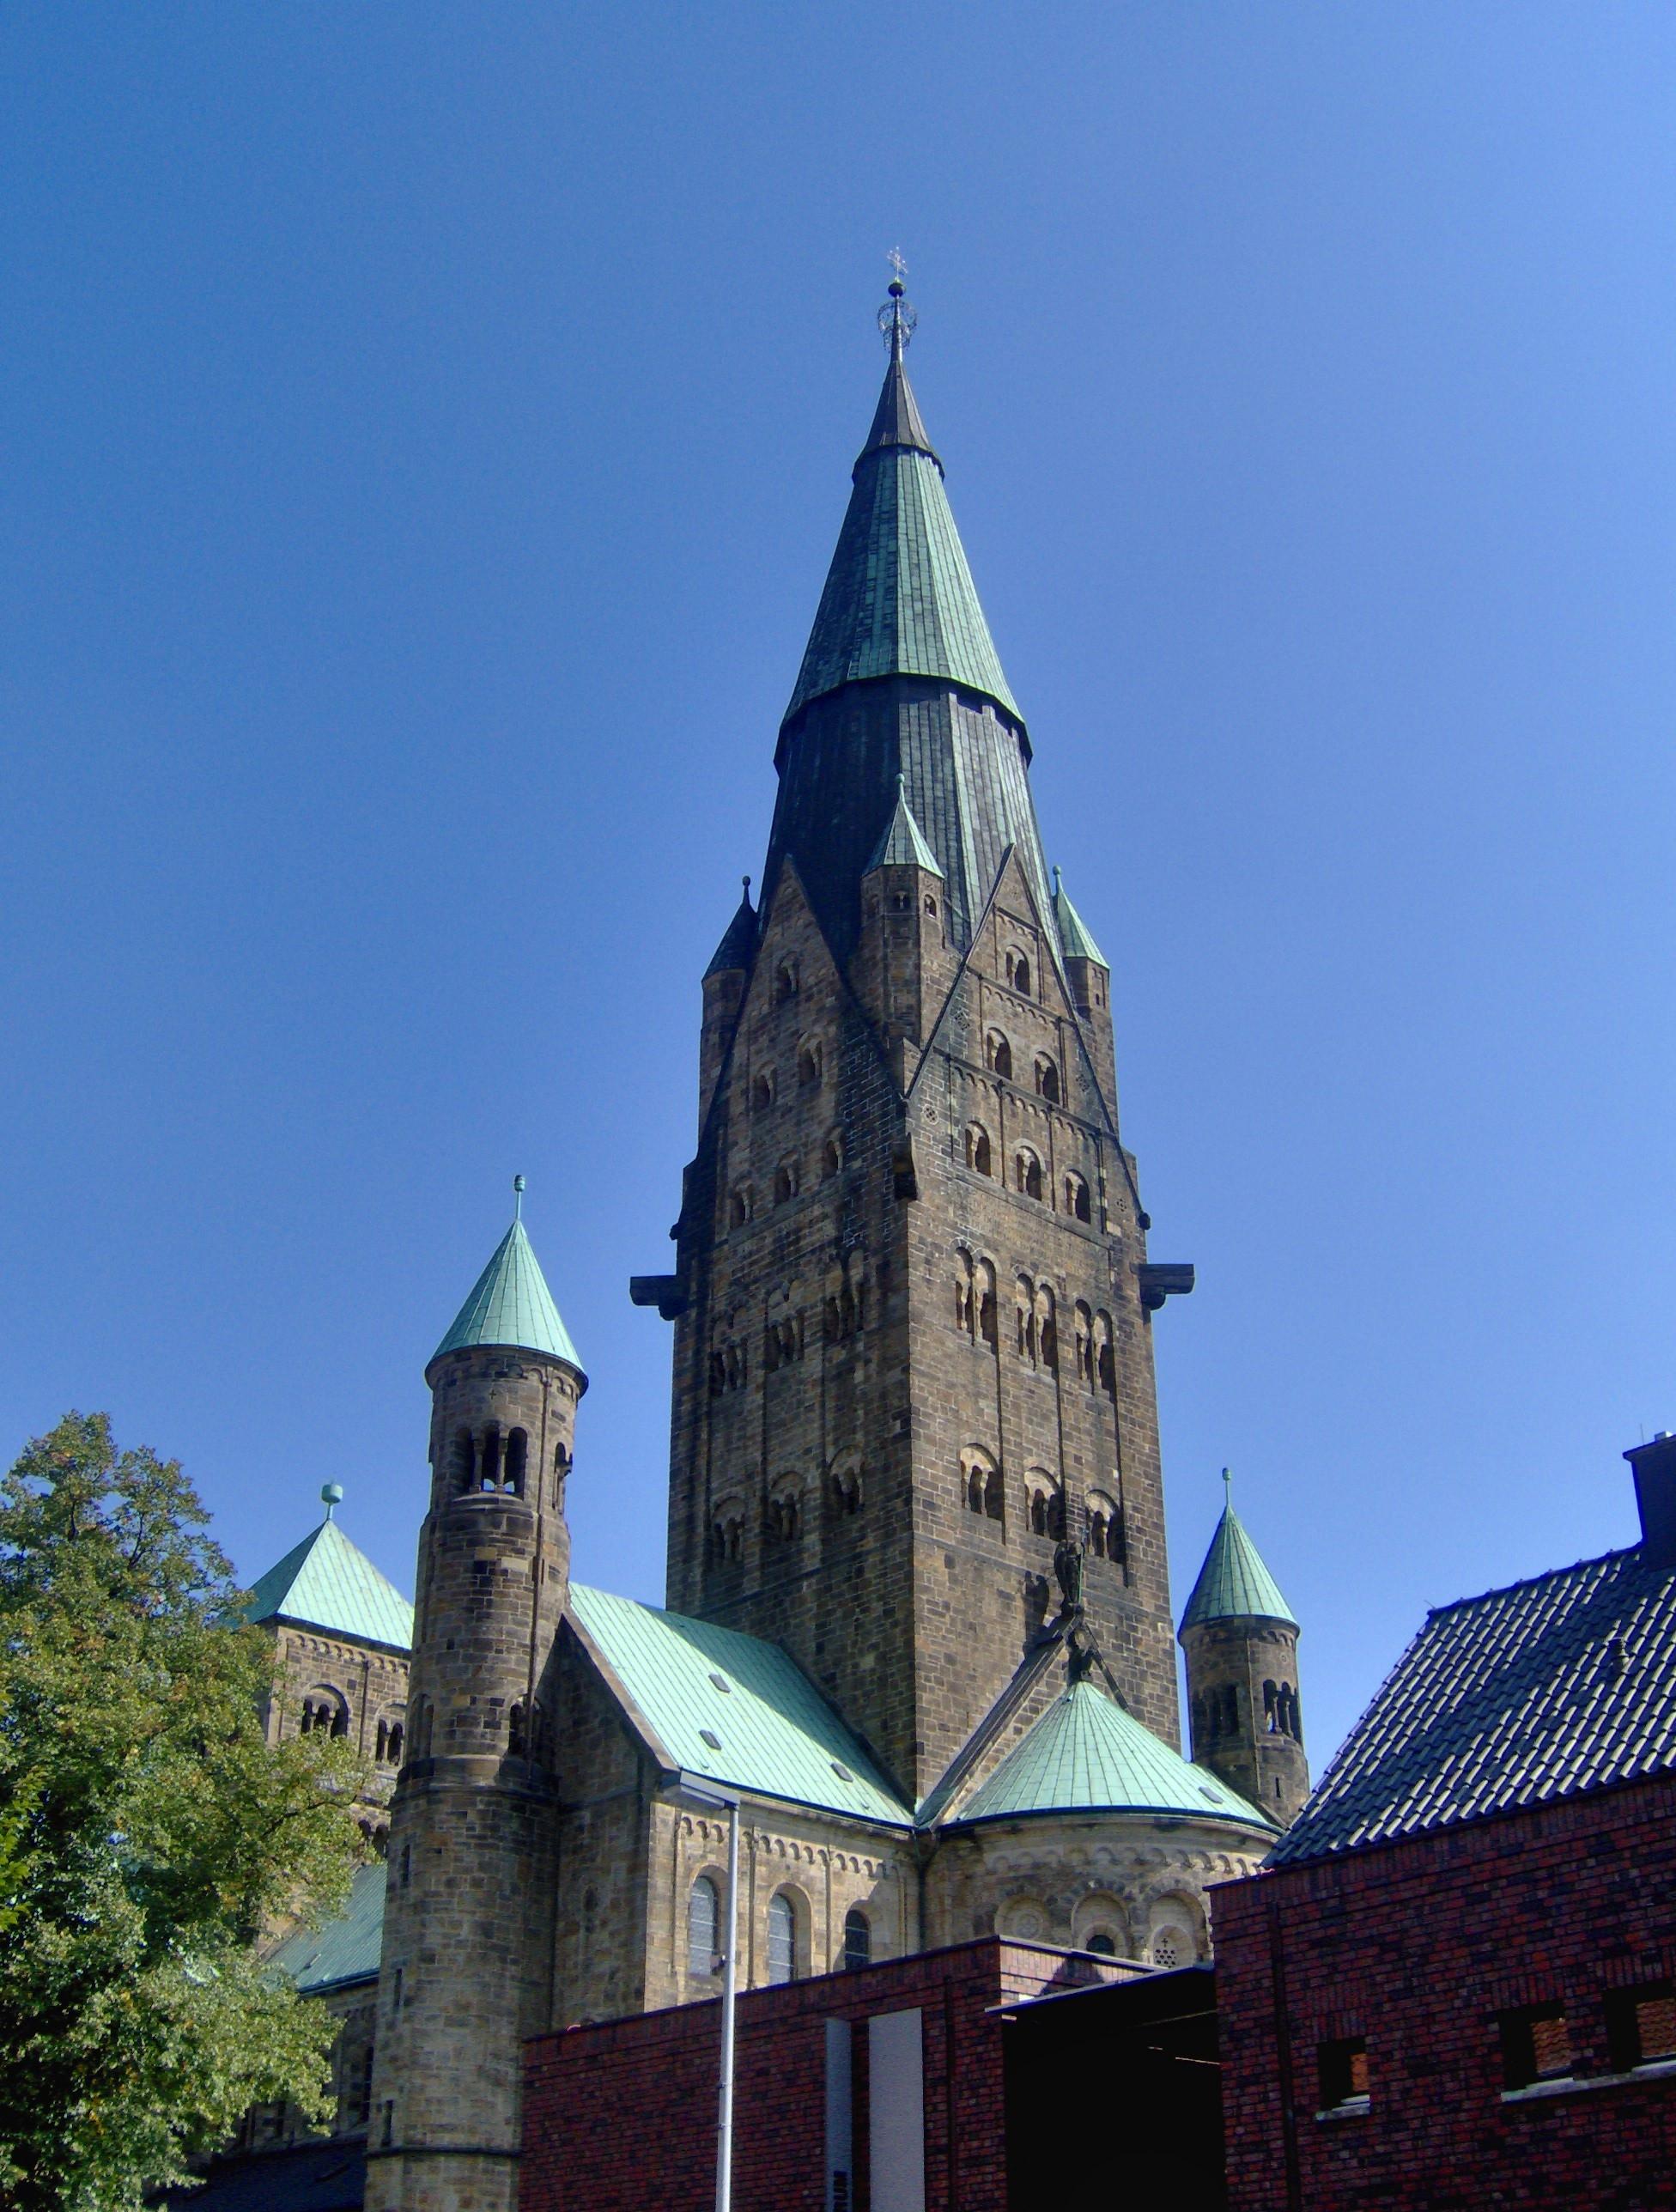 Depiction of Rheine